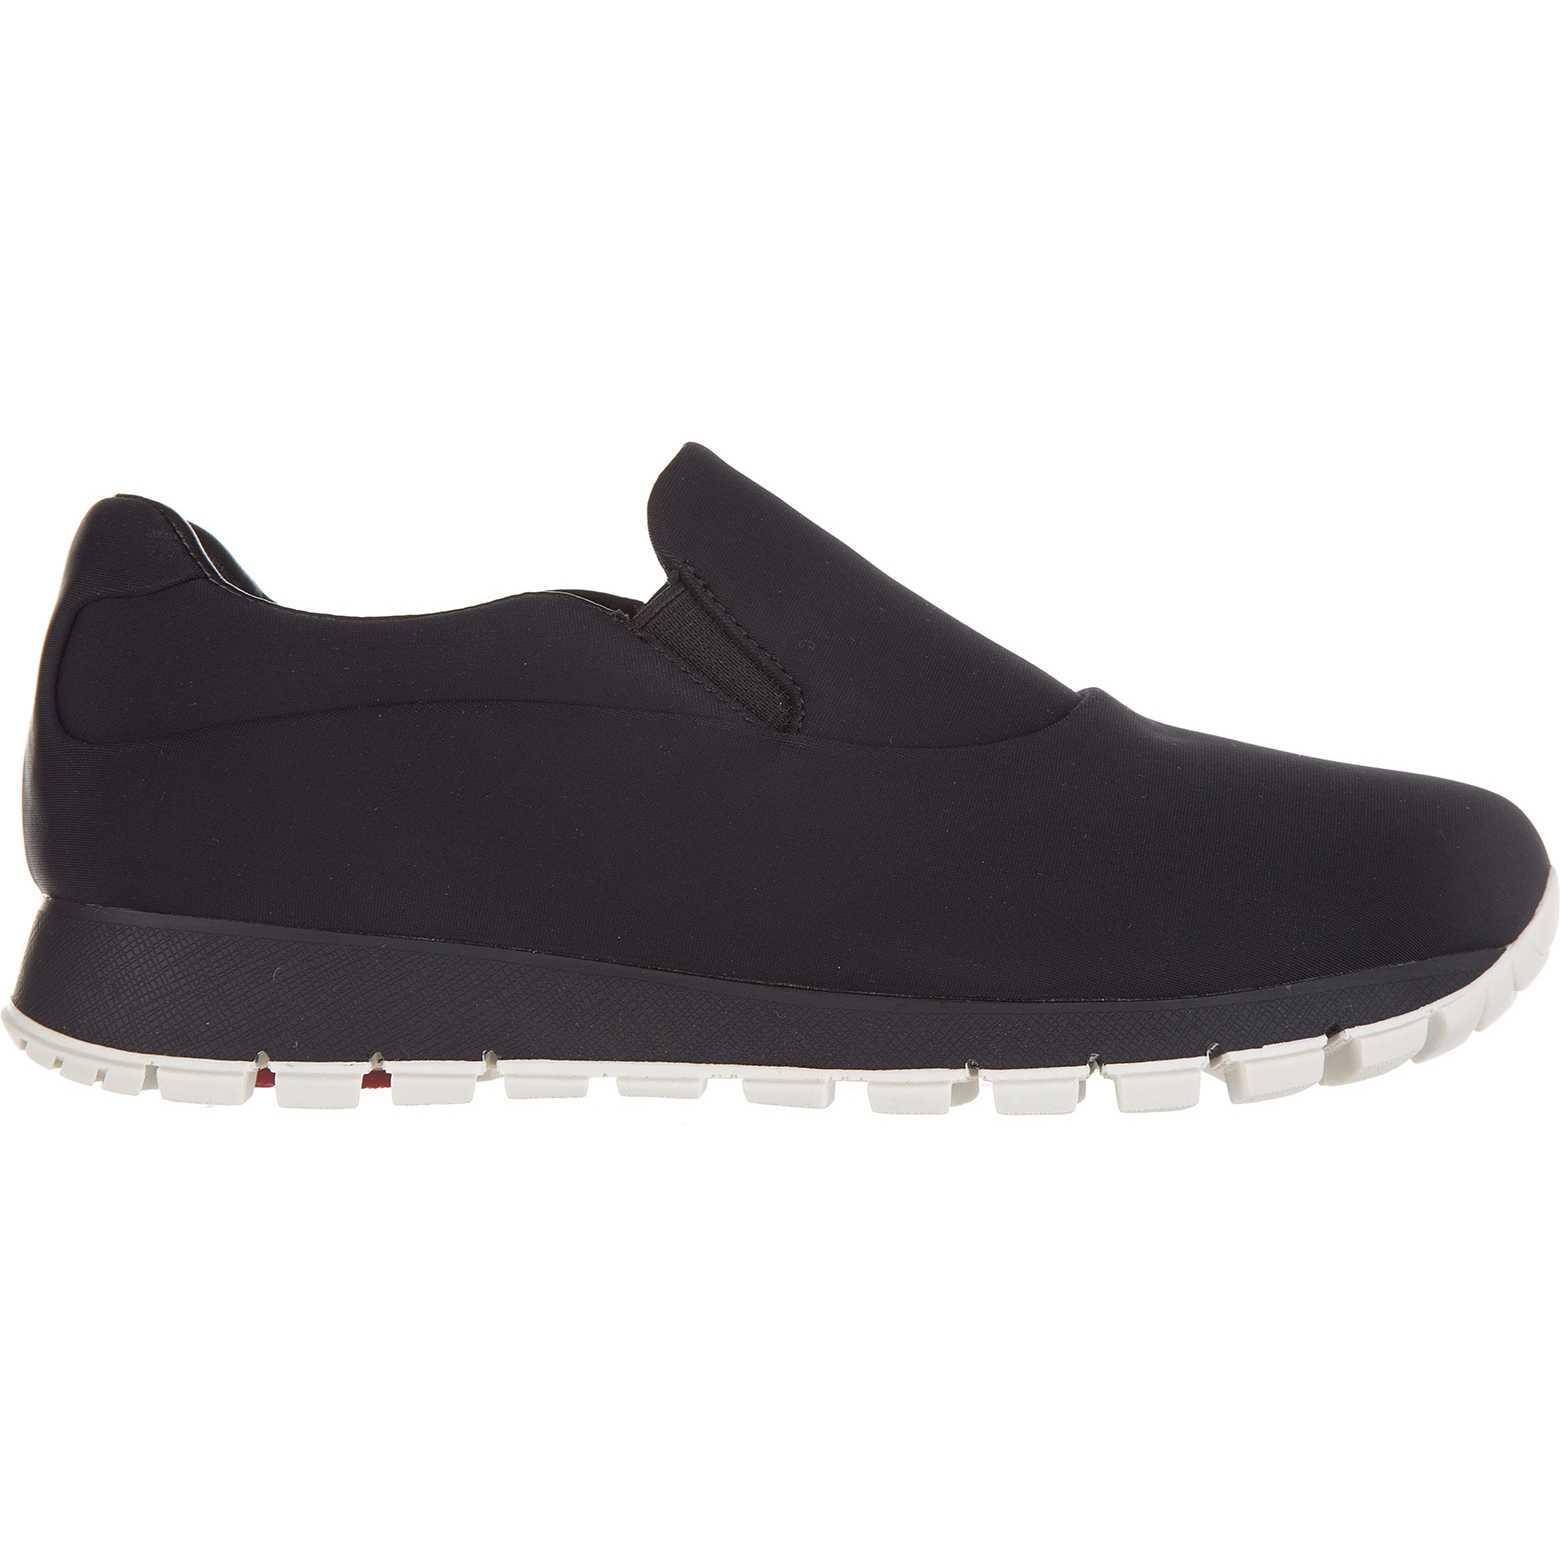 Prada On Sneakers Black pentru dama